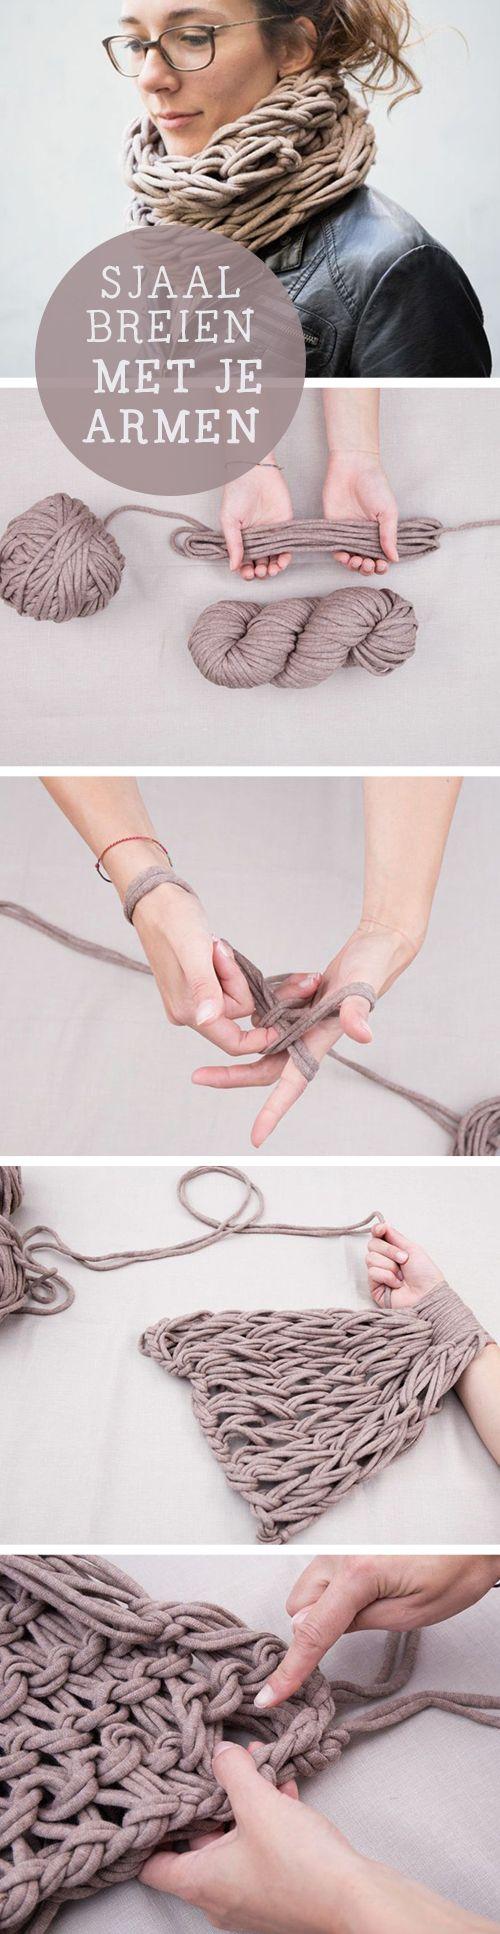 Sjaals breien met je armen is hot!